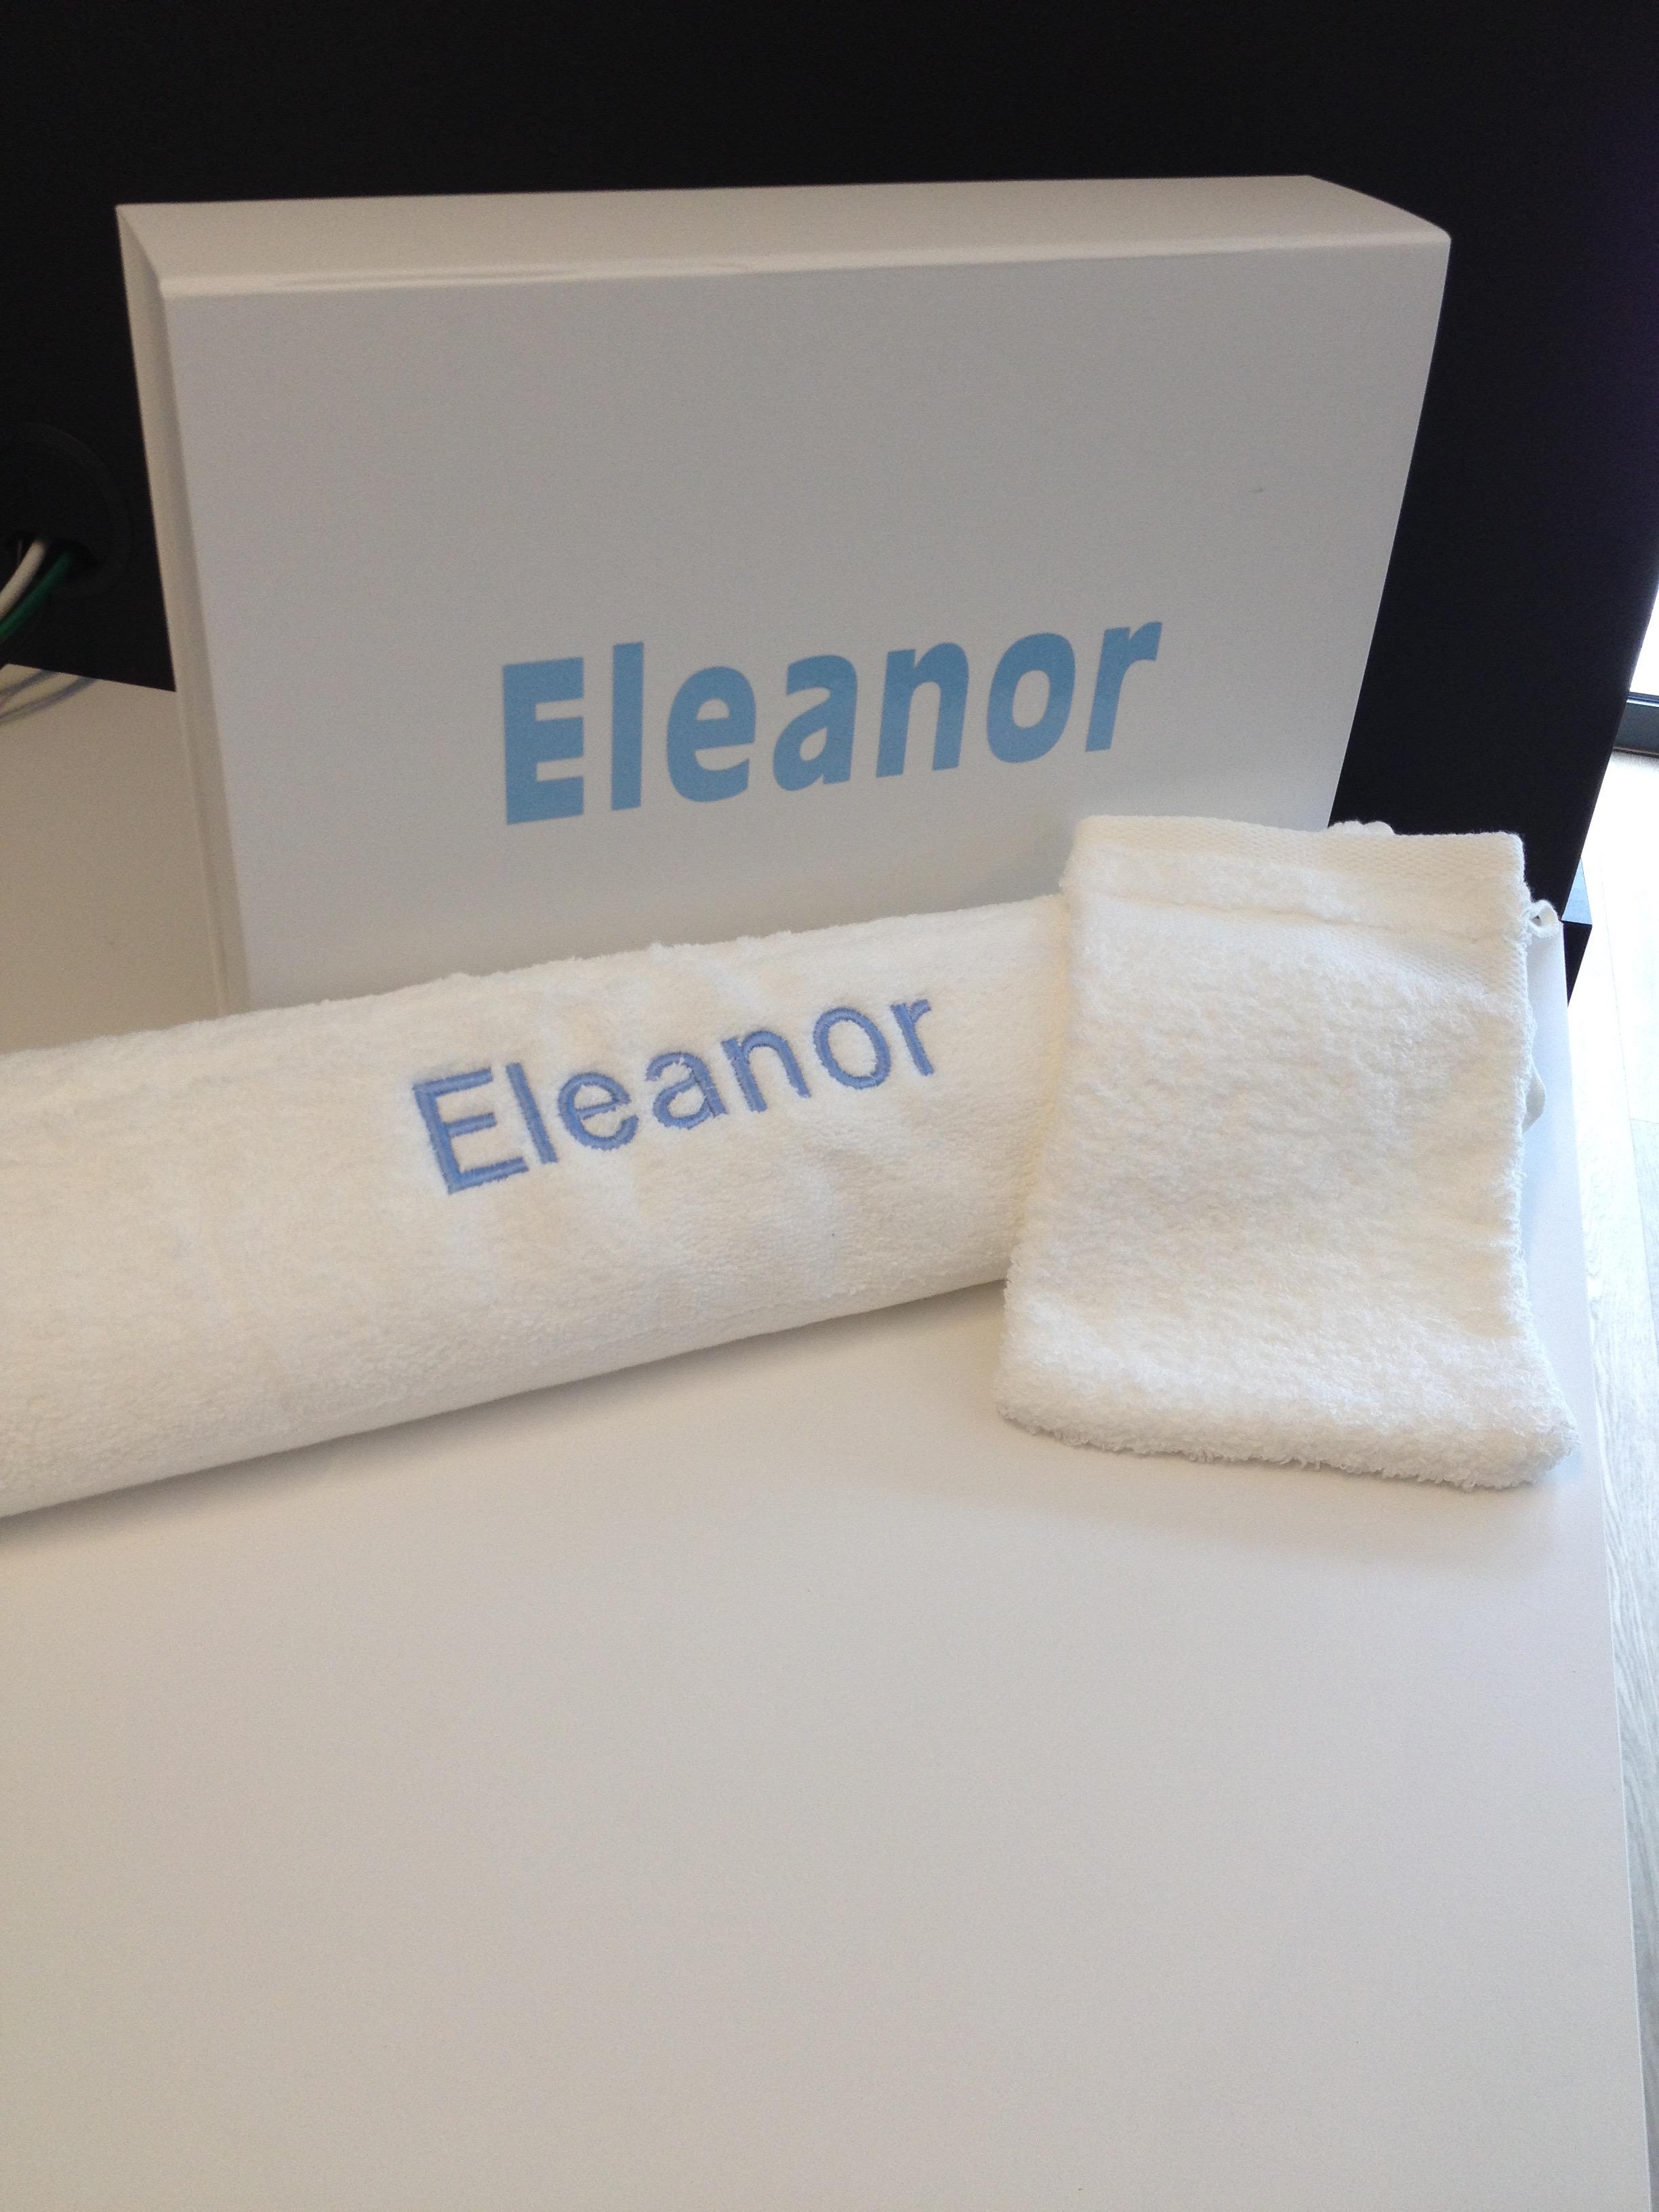 Eleanor_02